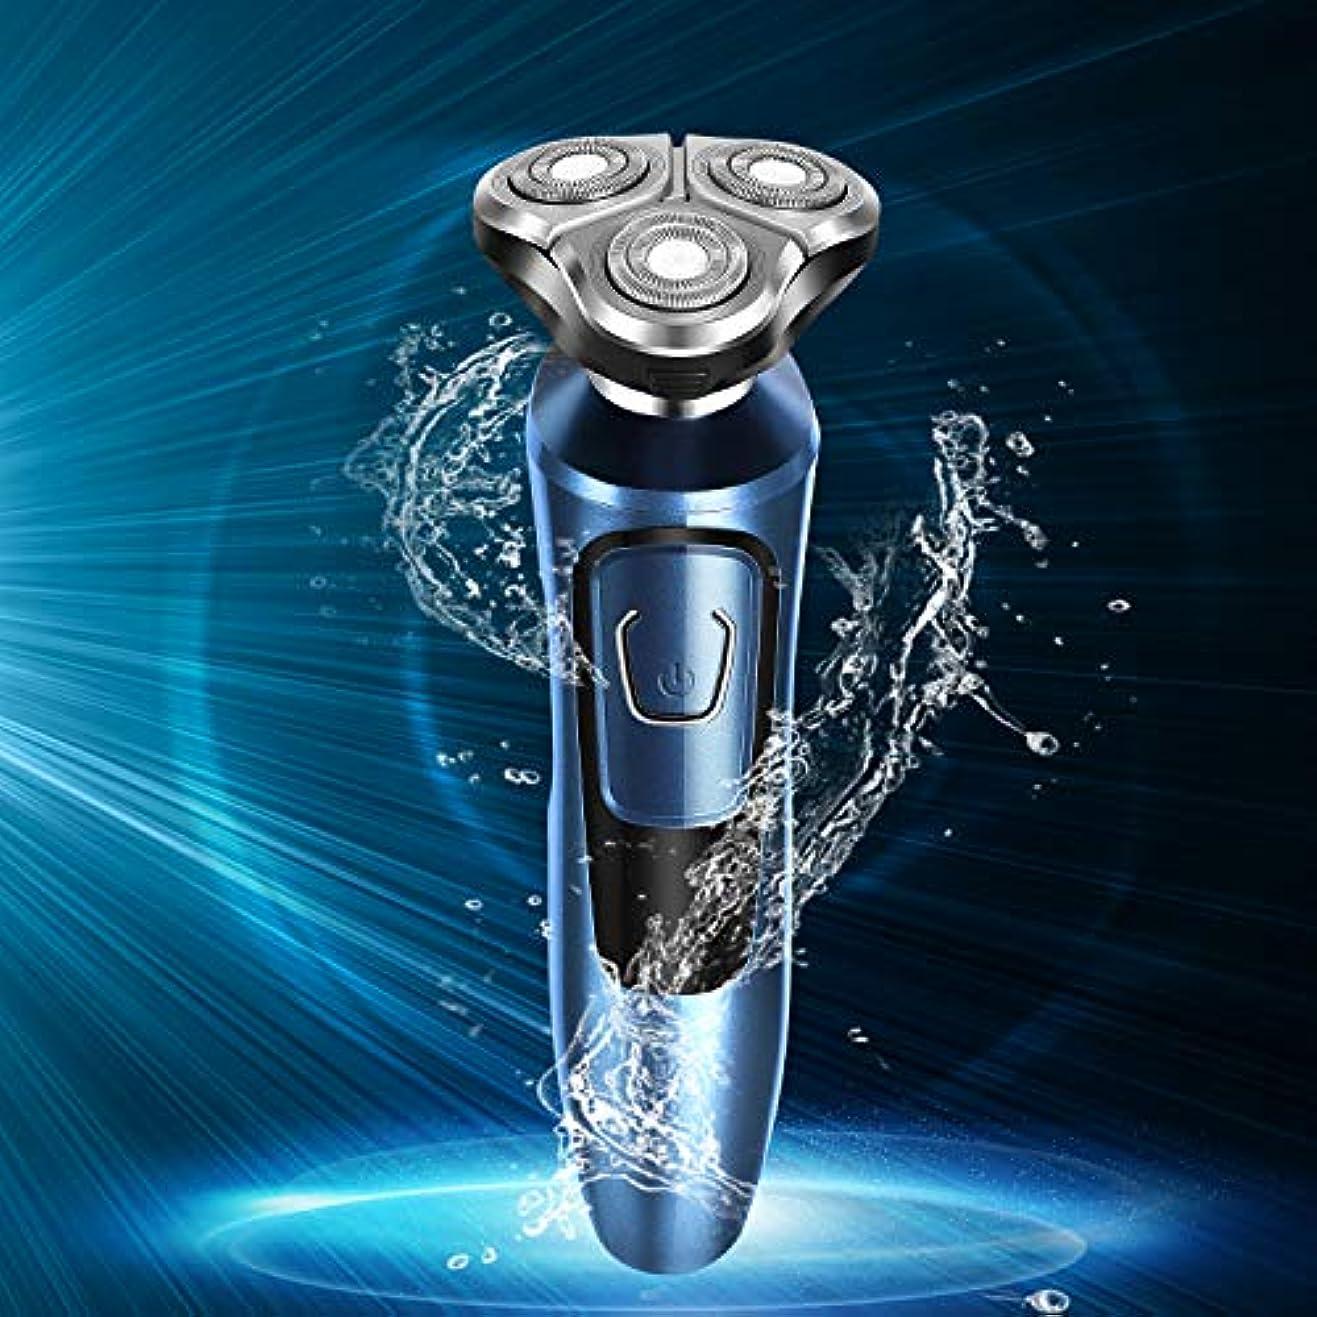 スキム選挙遡るシェーバー 電動シェーバー メンズ 電気シェーバー 髭剃り USB充電式 1台3役 3枚刃 回転式 LEDディスプレイ IPX7防水 水洗可能 3D鼻毛カッター トリマー 洗顔ブラシ付き 多機能 安全ロック機能付き